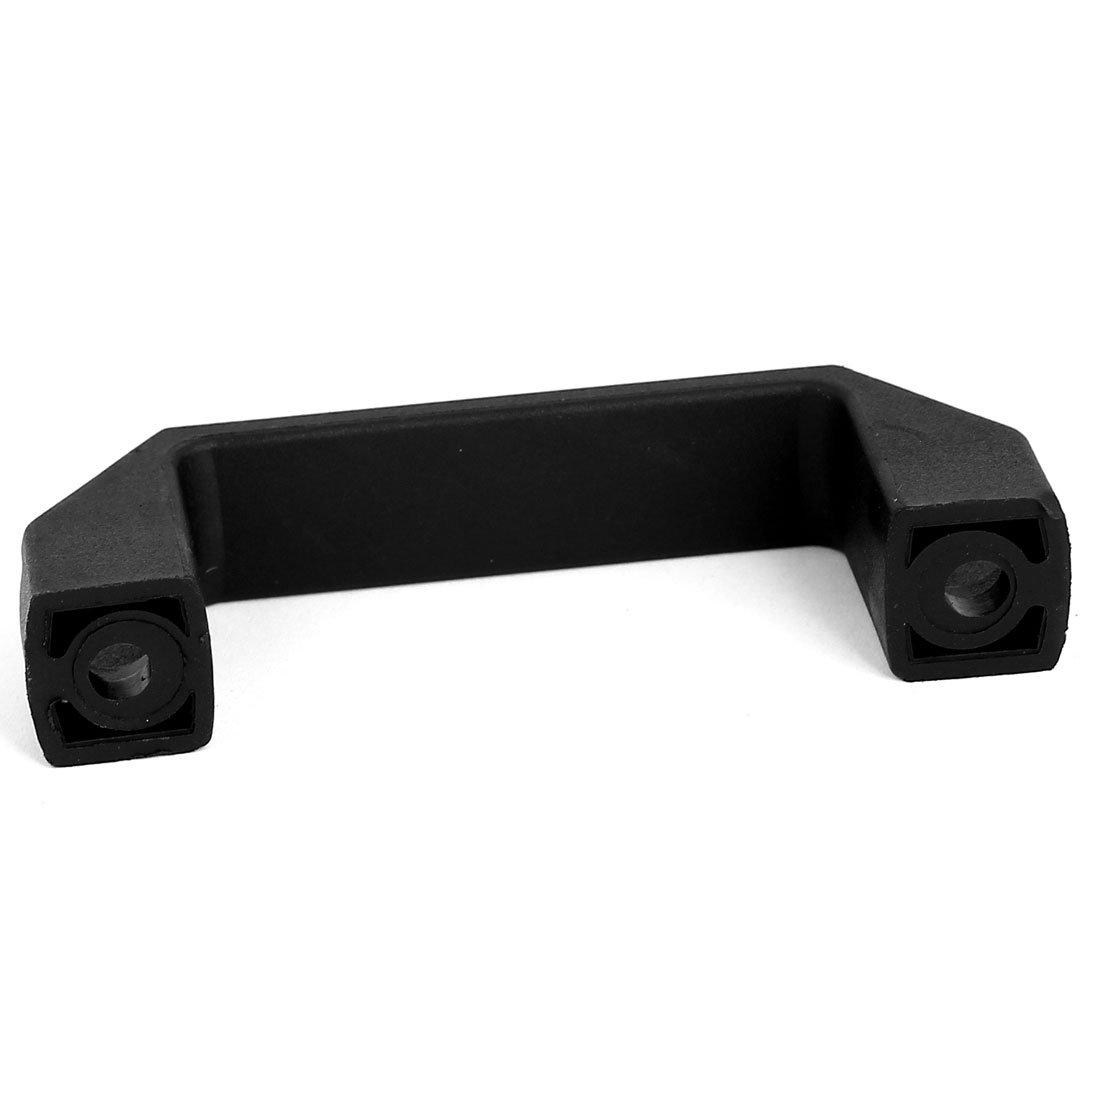 110 mm lang-Hardware Griff aus Kunststoff 2 St/ück de Schrank becherboard